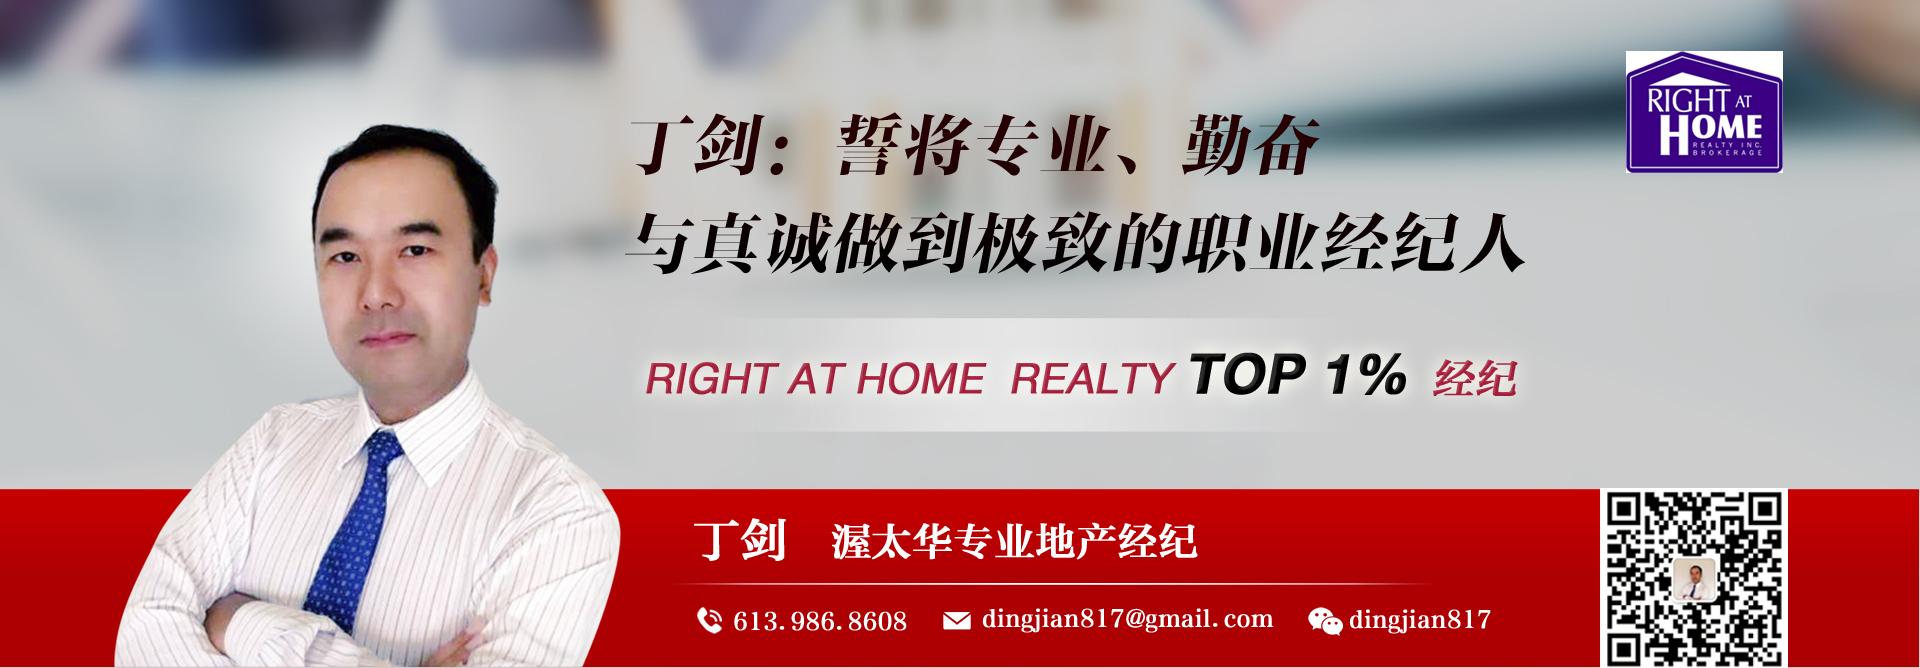 banner-dingjian2.jpg